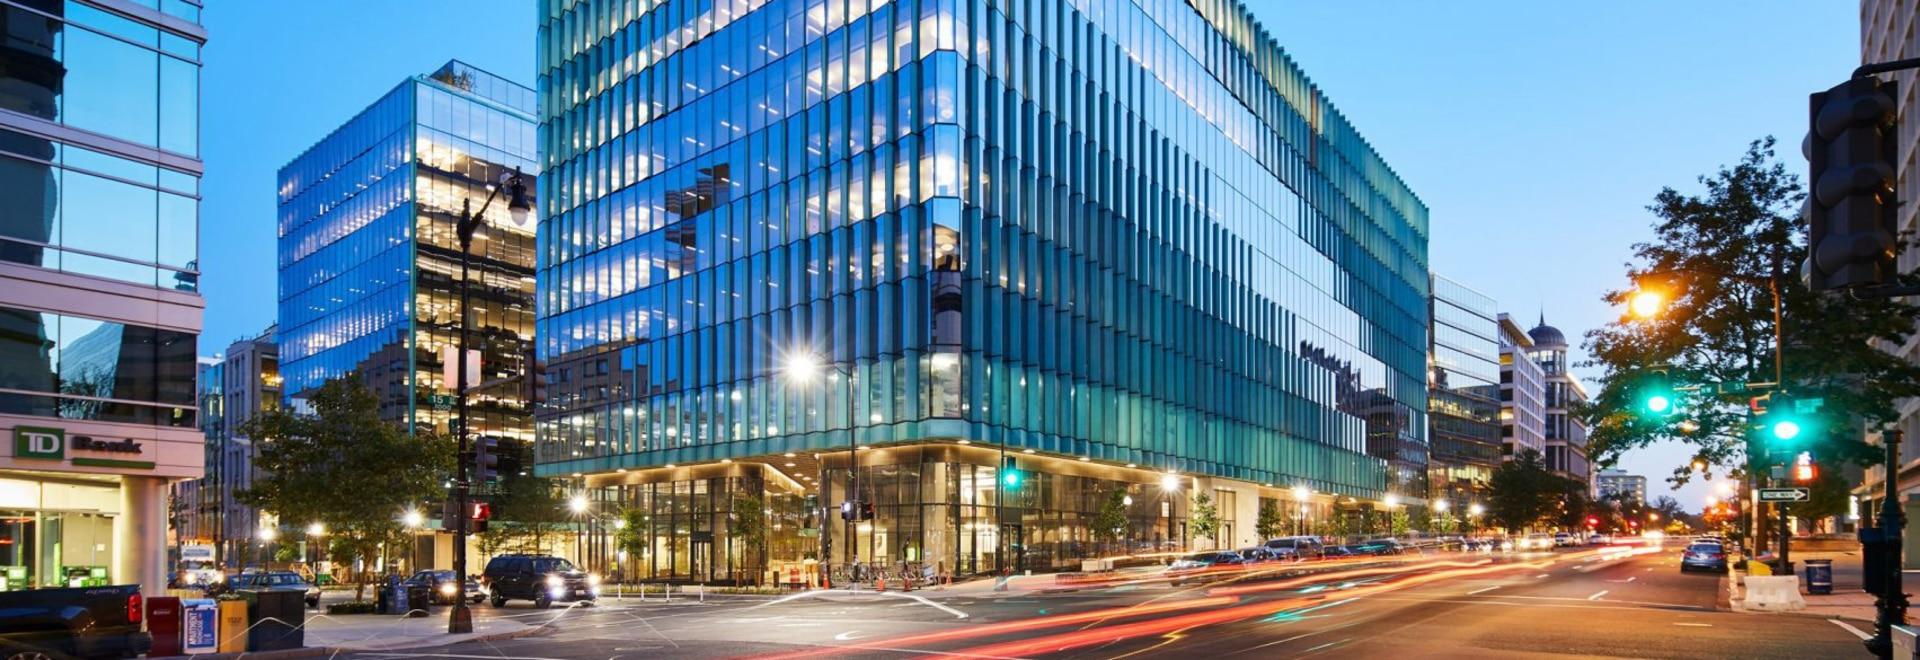 Les ponts en ciel entrecroisent le centre du Midtown du magasin dans le Washington DC